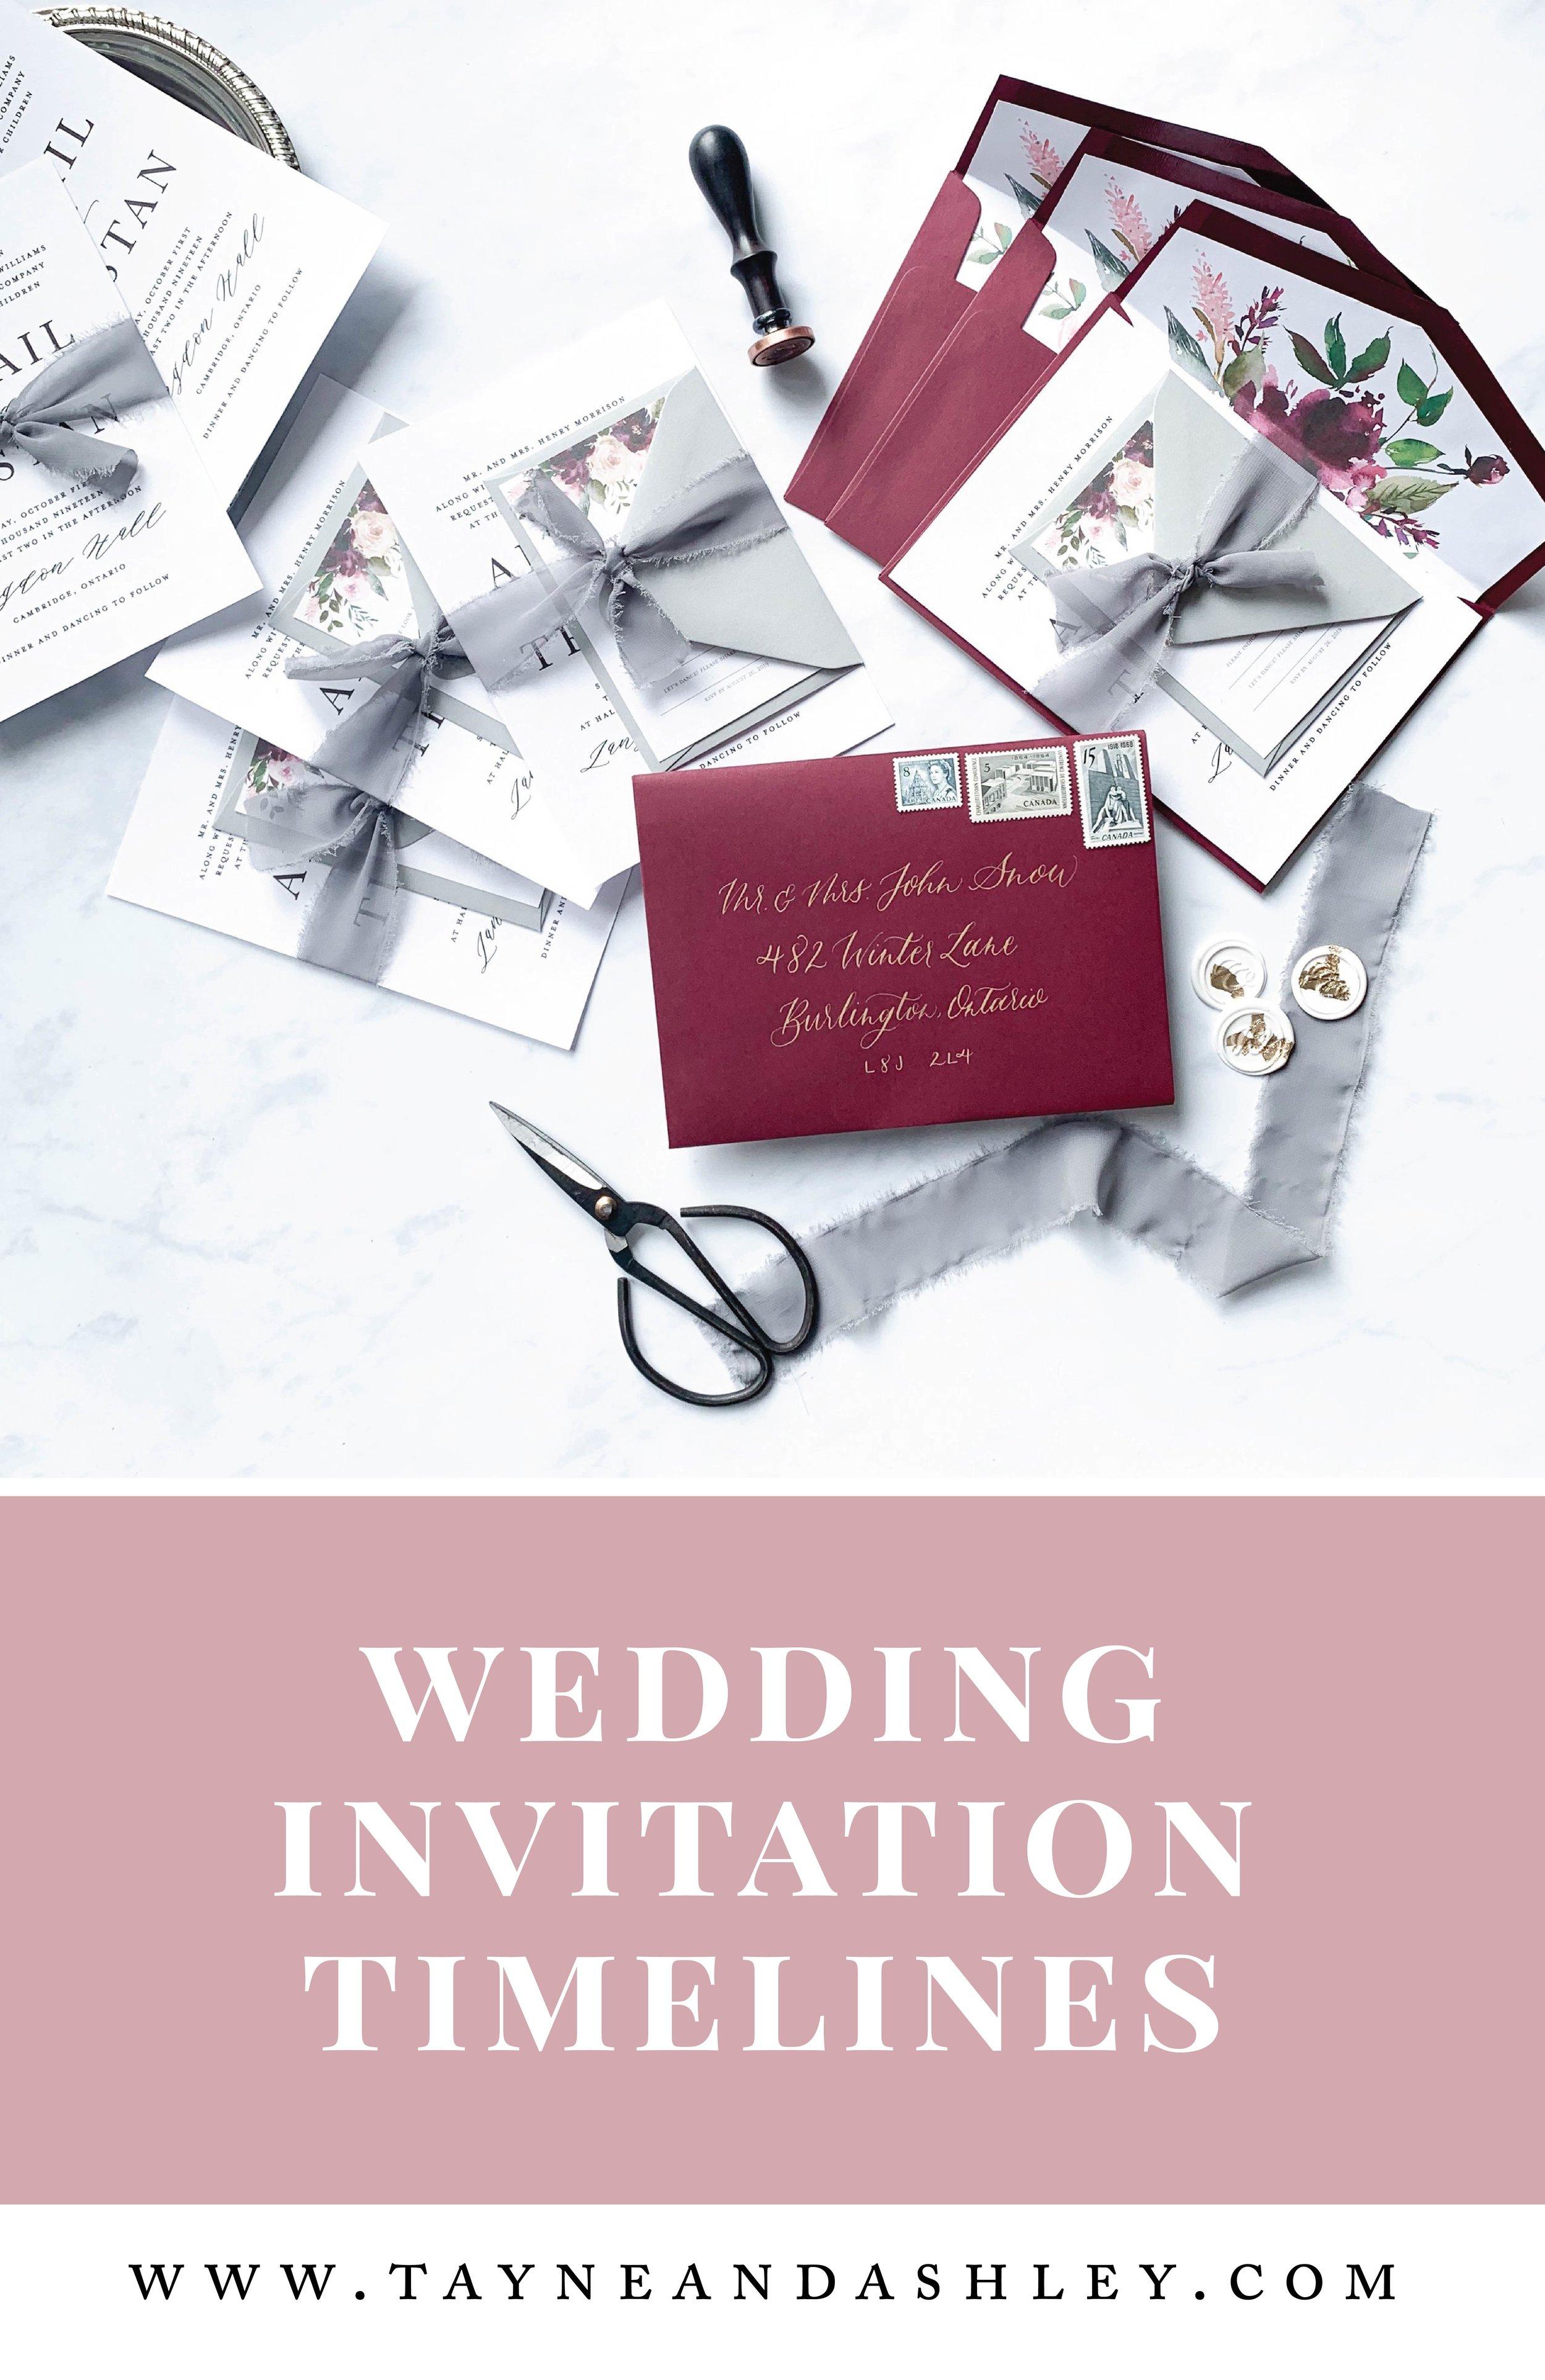 pinterest-wedding-invitation-timeline-tayneandashley-2